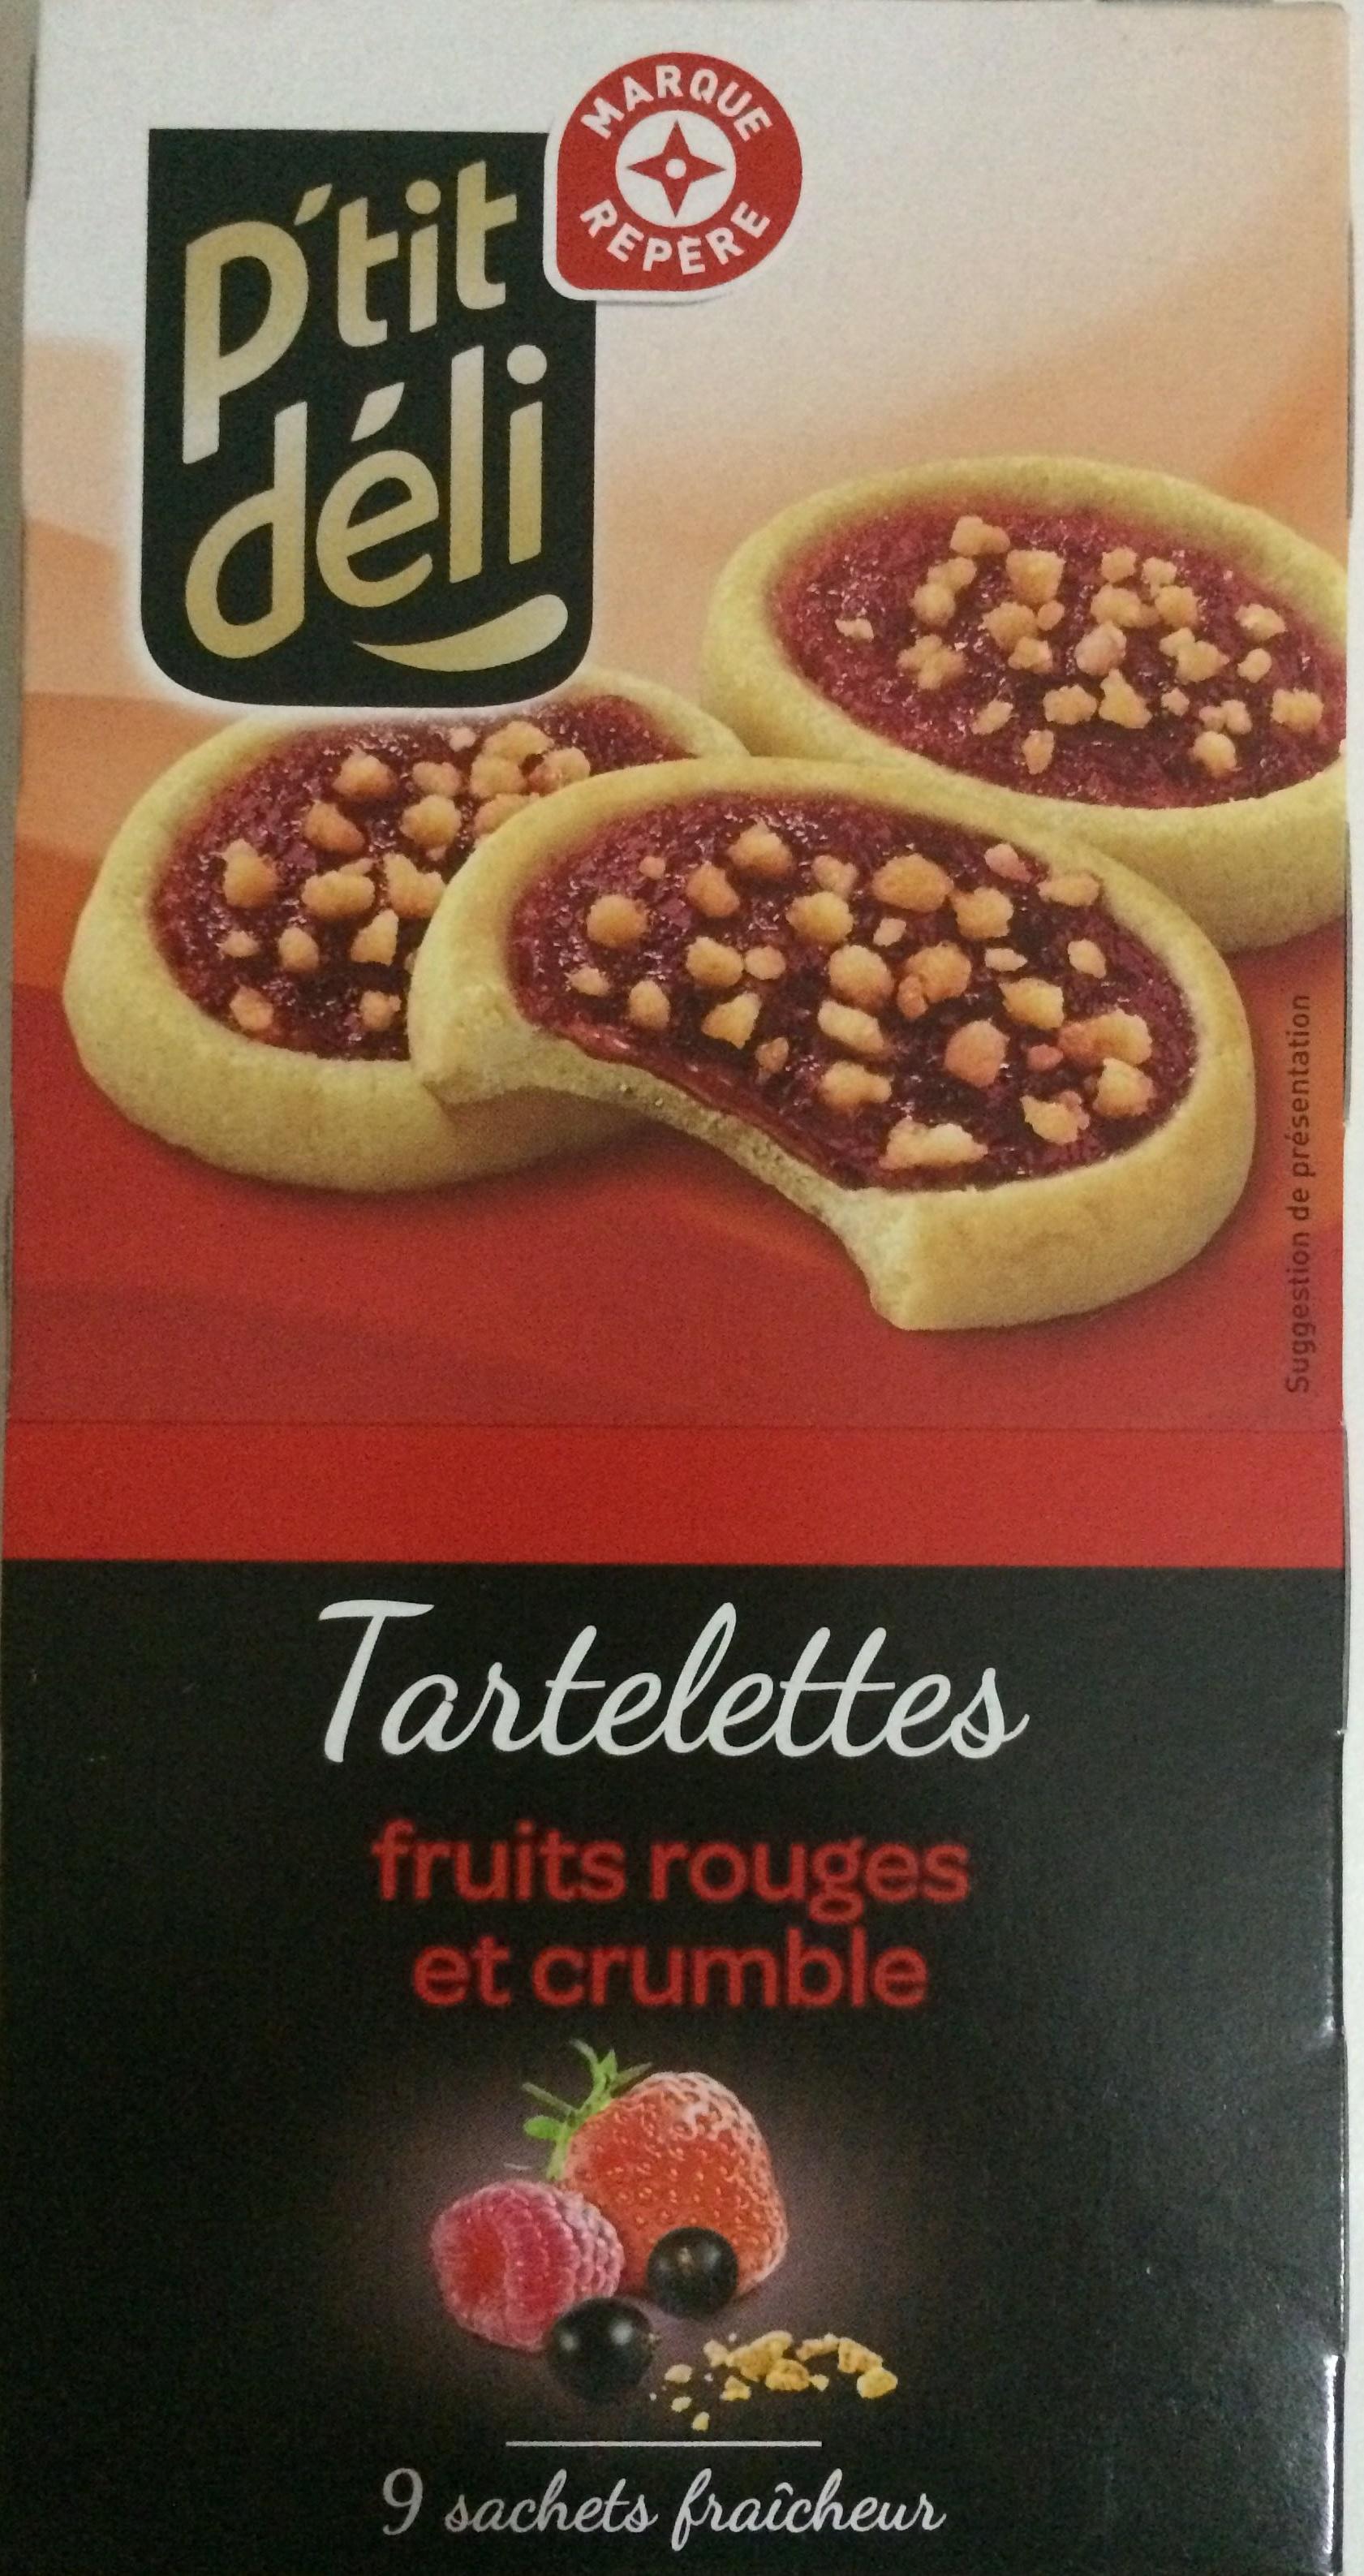 P'tit déli - Tartelettes fruits rouges et crumble - Produit - fr